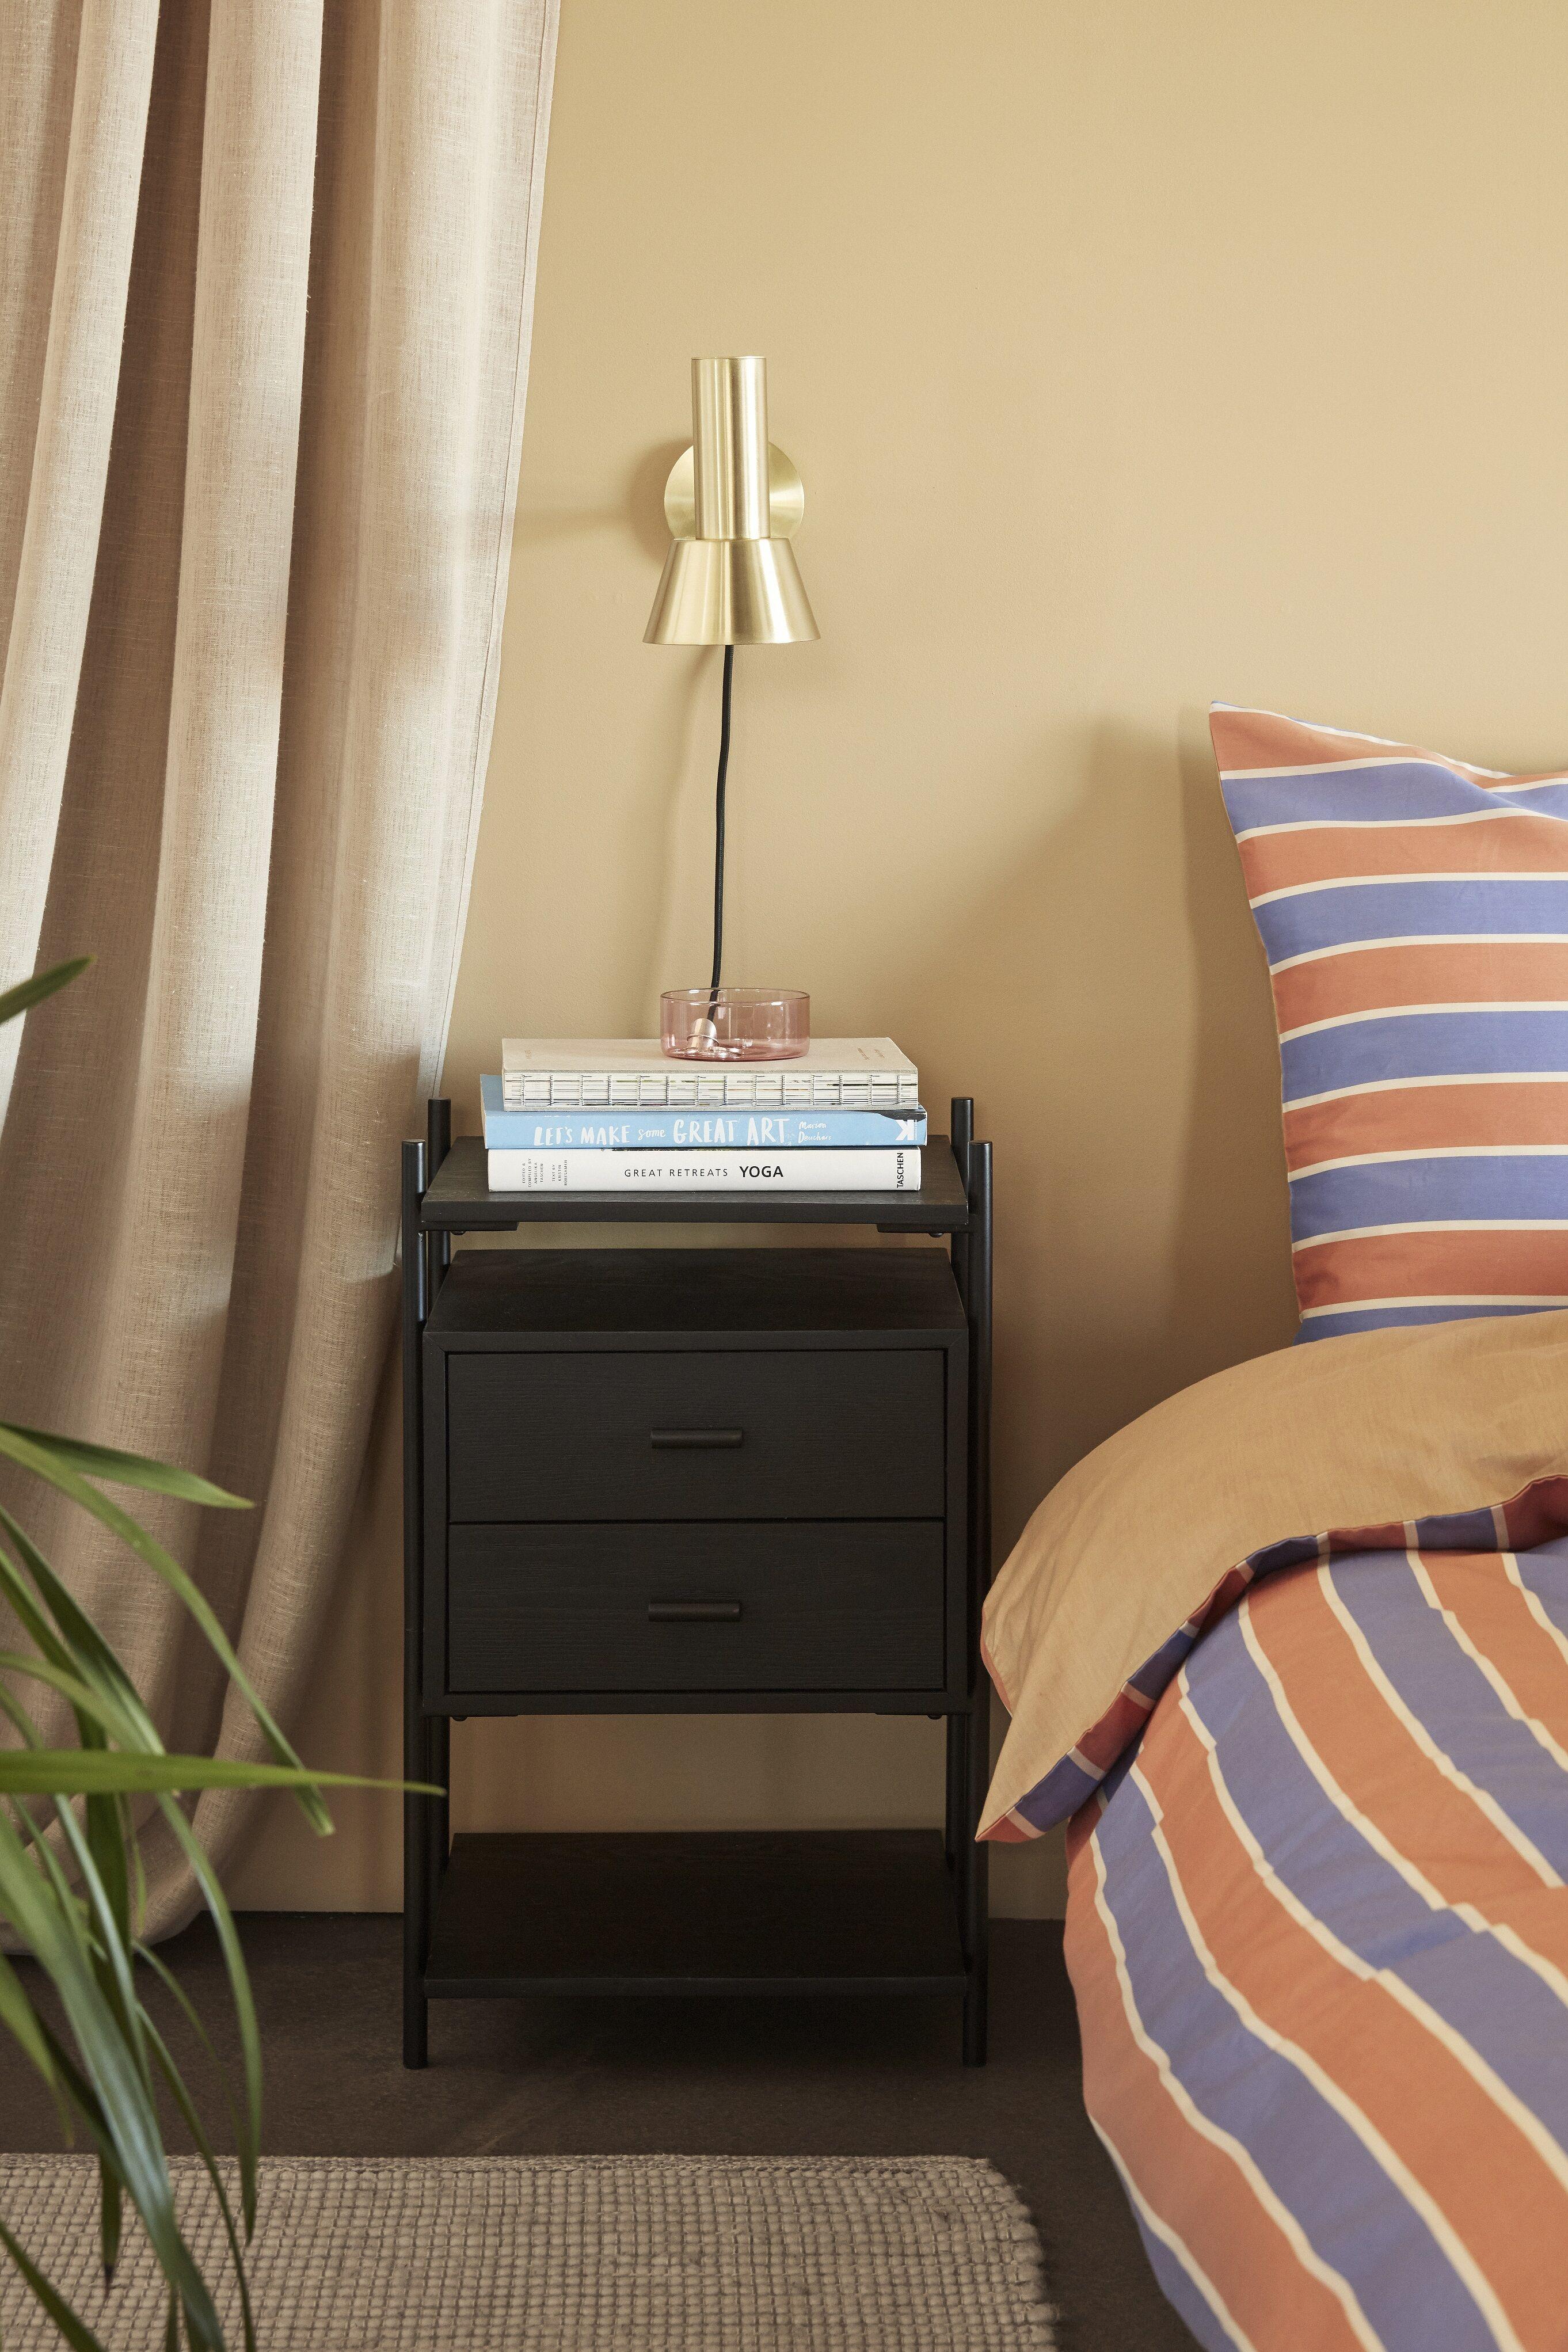 Hübsch éjjeli lámpa, ideális ágyban olvasáshoz